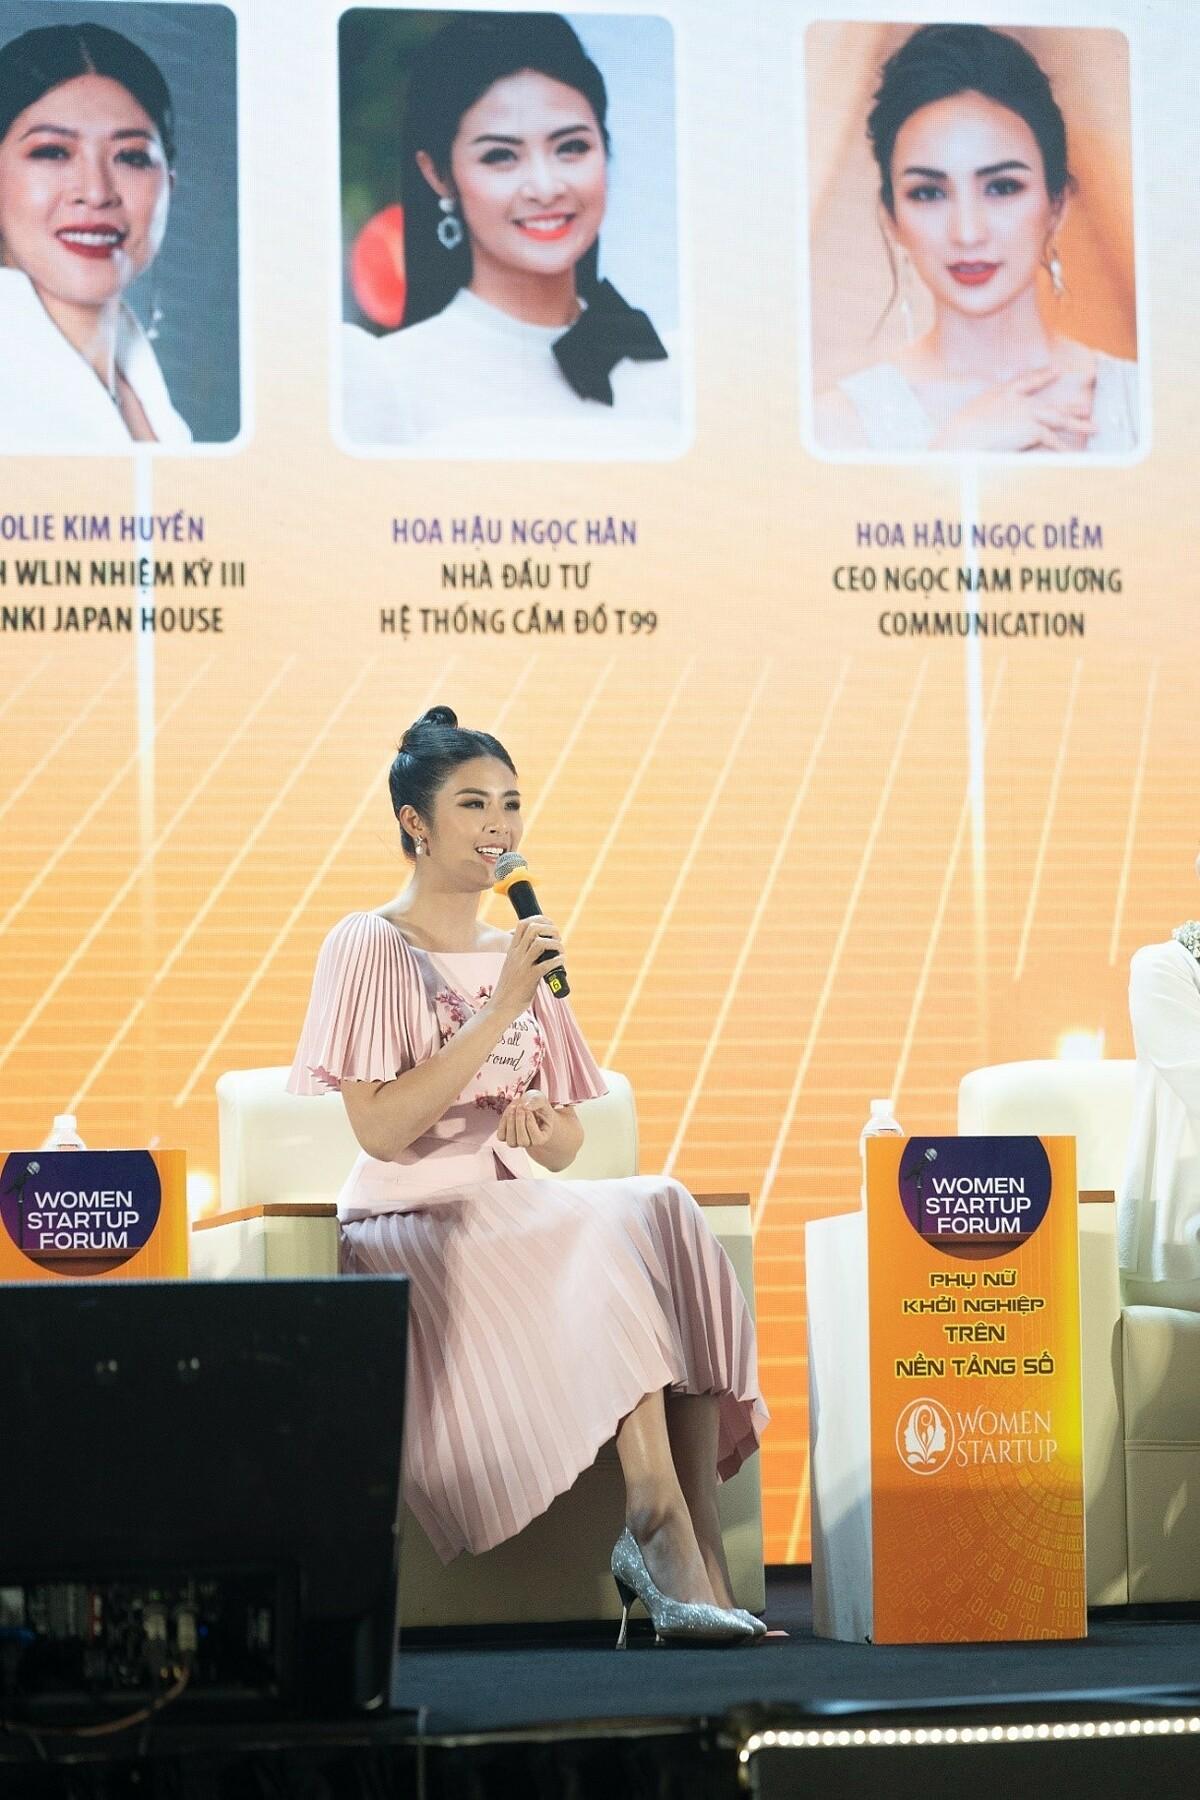 Hoa hậu Ngọc Hân tham dự sự kiện Diễn đàn Phụ nữ khởi nghiệp trên nền tảng số với tư cách là Nhà đầu tư Hệ thống cầm đồ T99.